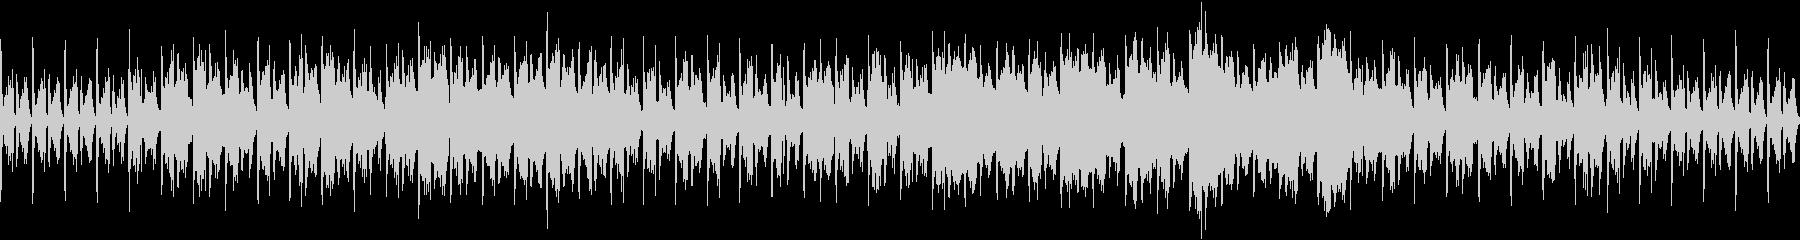 マリンバと笛シンセのエレクトロニカです…の未再生の波形